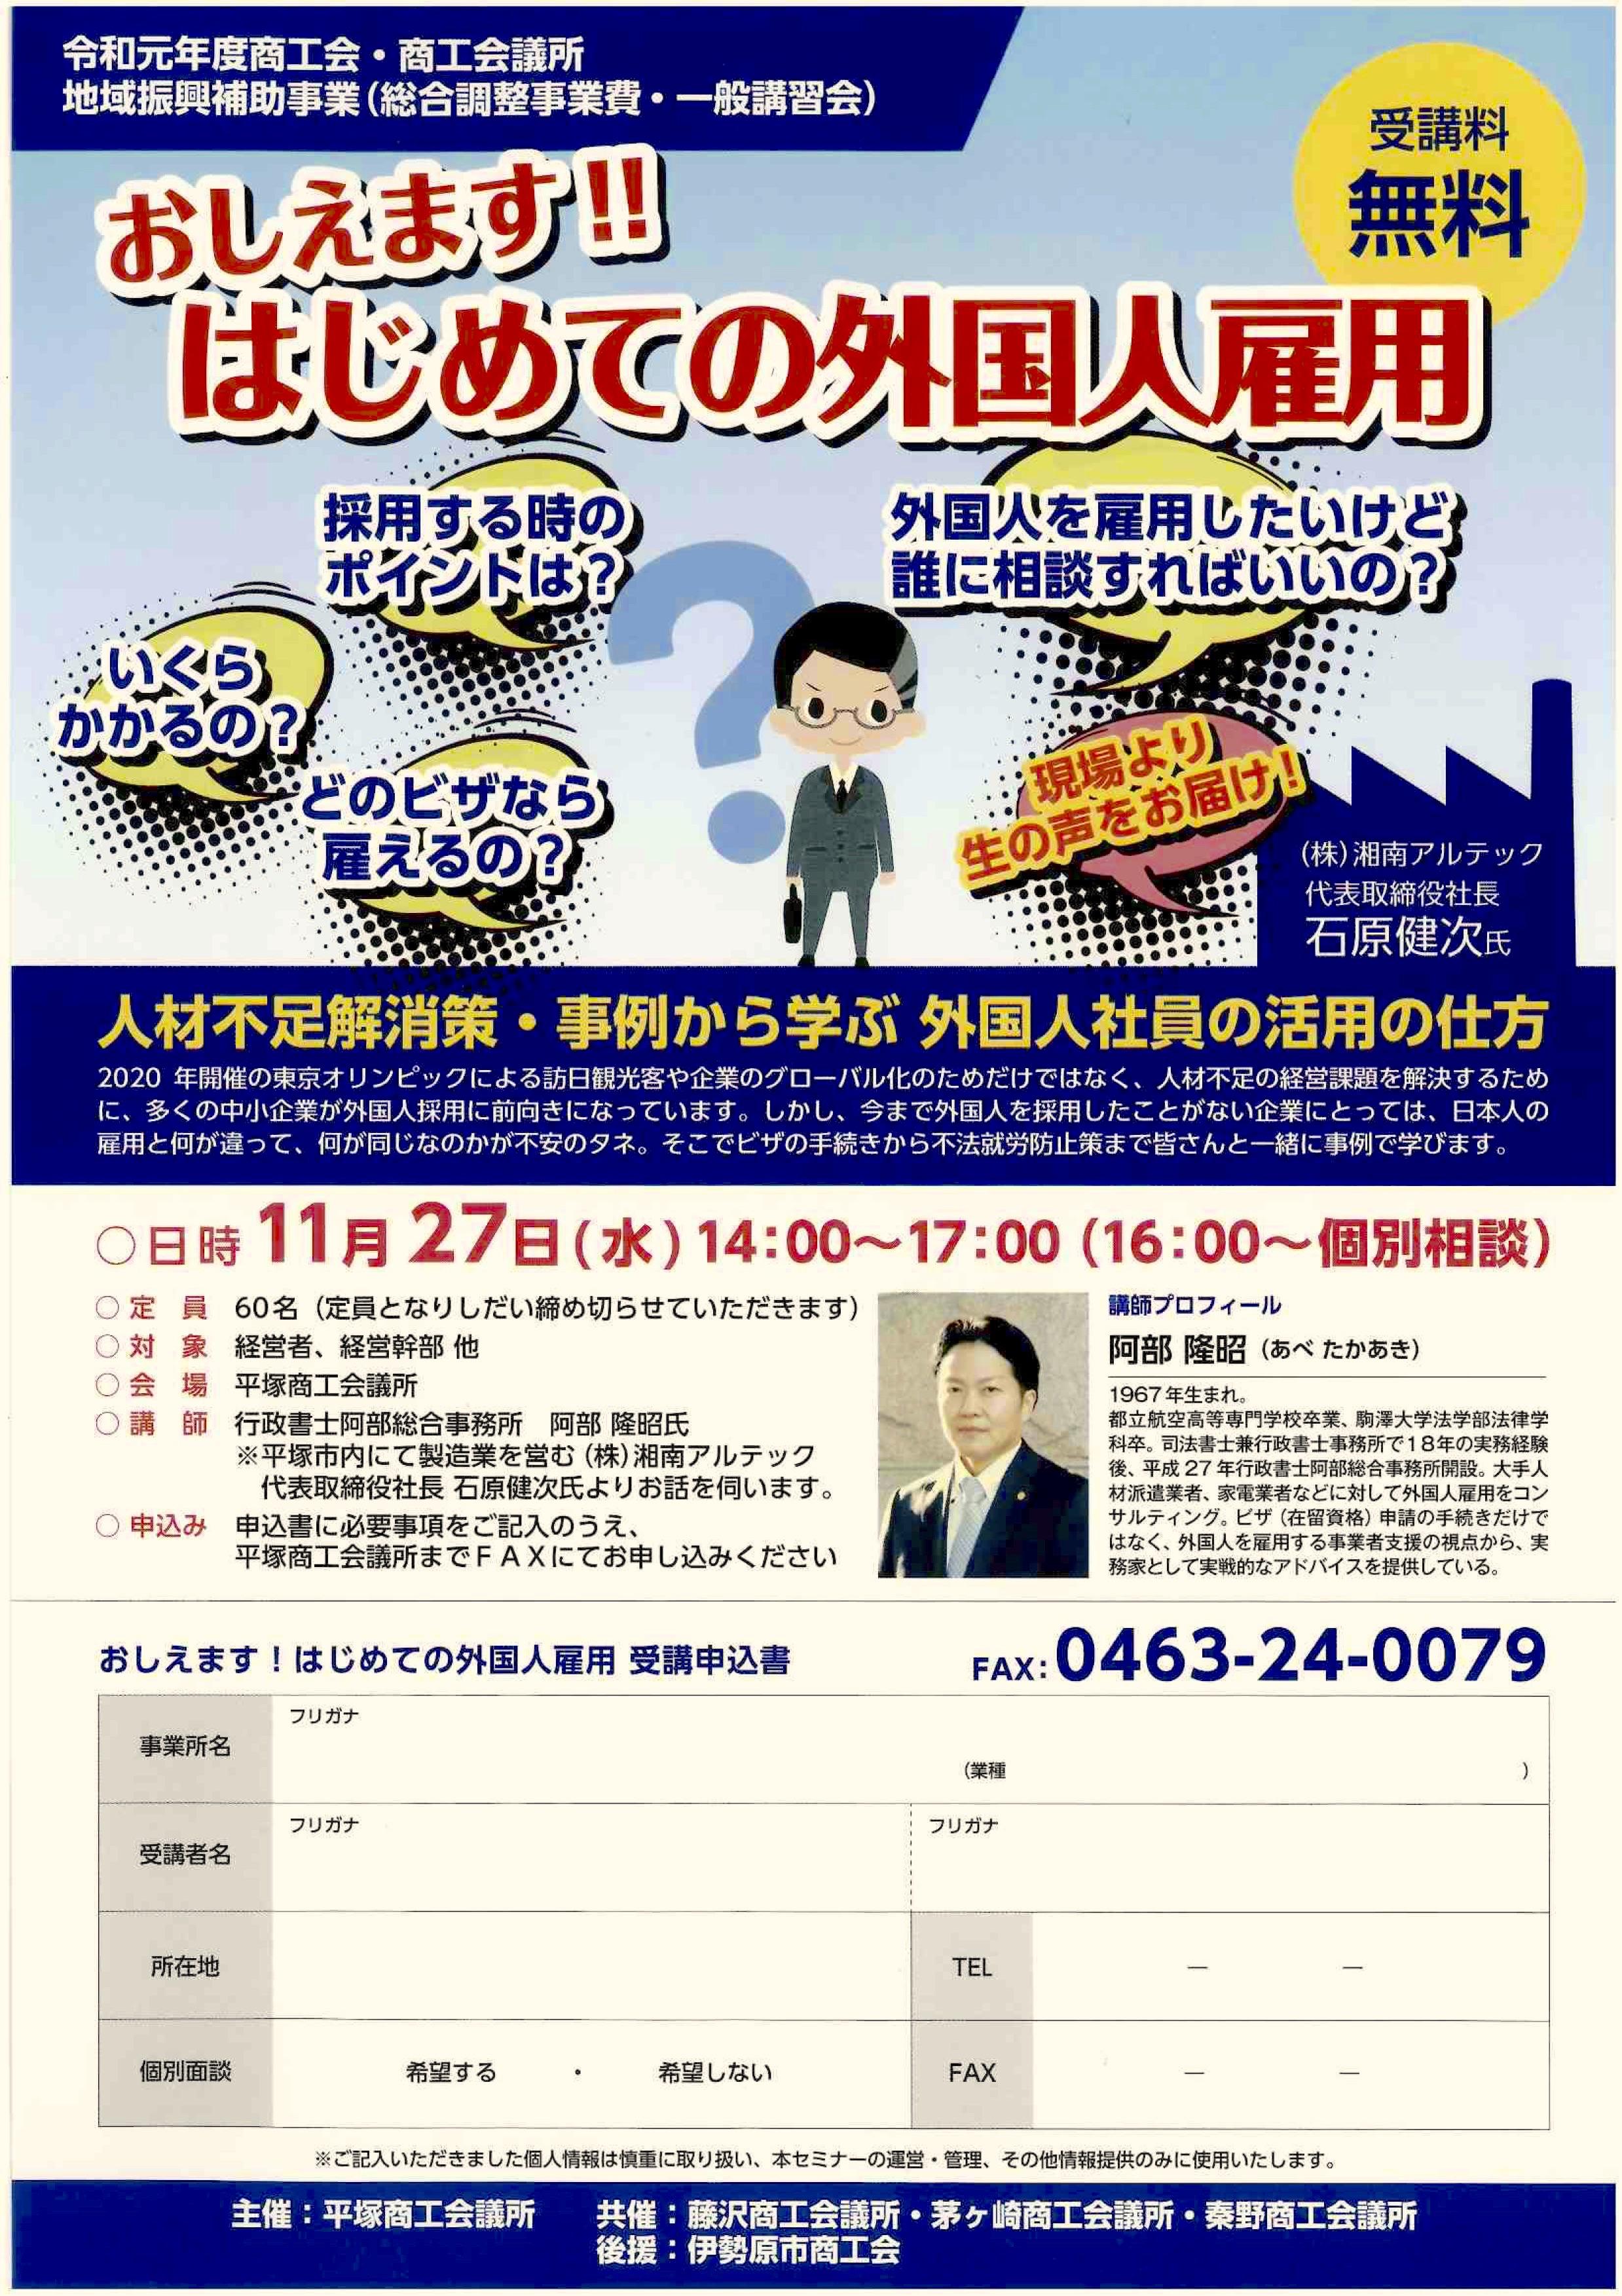 「おしえます!はじめての外国人雇用セミナー」に登壇してきました!|行政書士阿部総合事務所